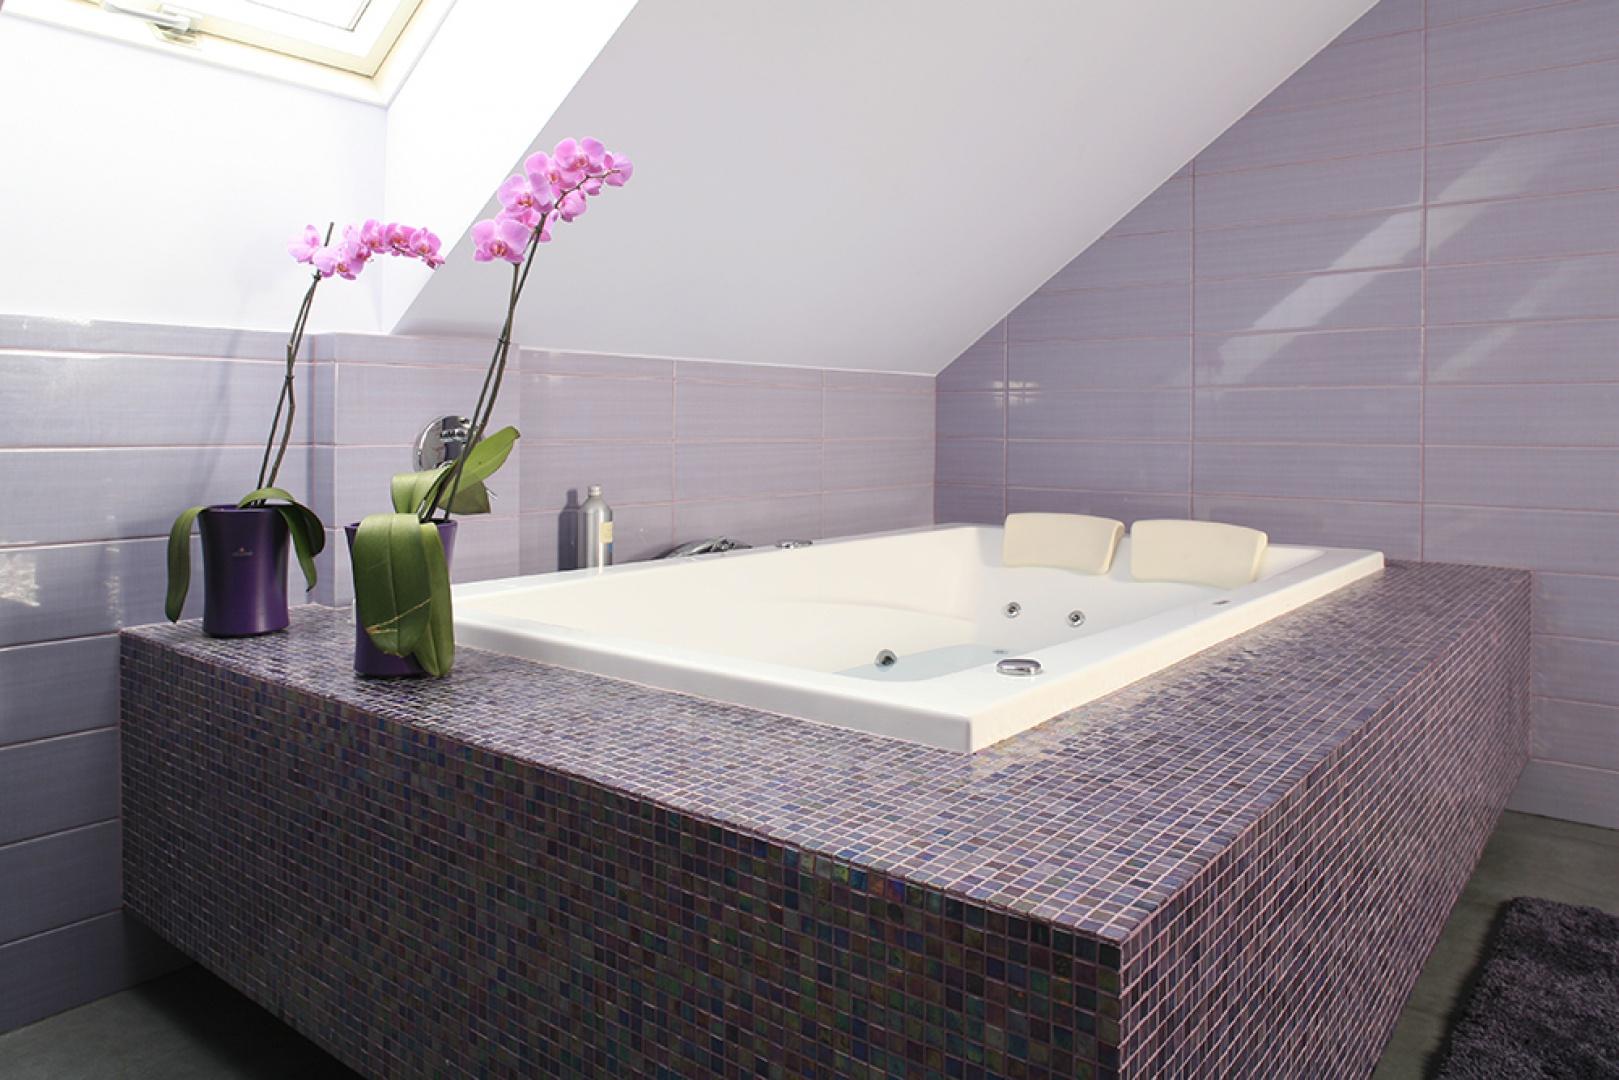 Duża łazienka na piętrze skąpana jest we fioletach. To oaza relaksu, co podkreśla dwuosobowa wanna z hydromasażem (Poolspa) obłożona mozaiką (Bisazza). Fot. Bartosz Jarosz.